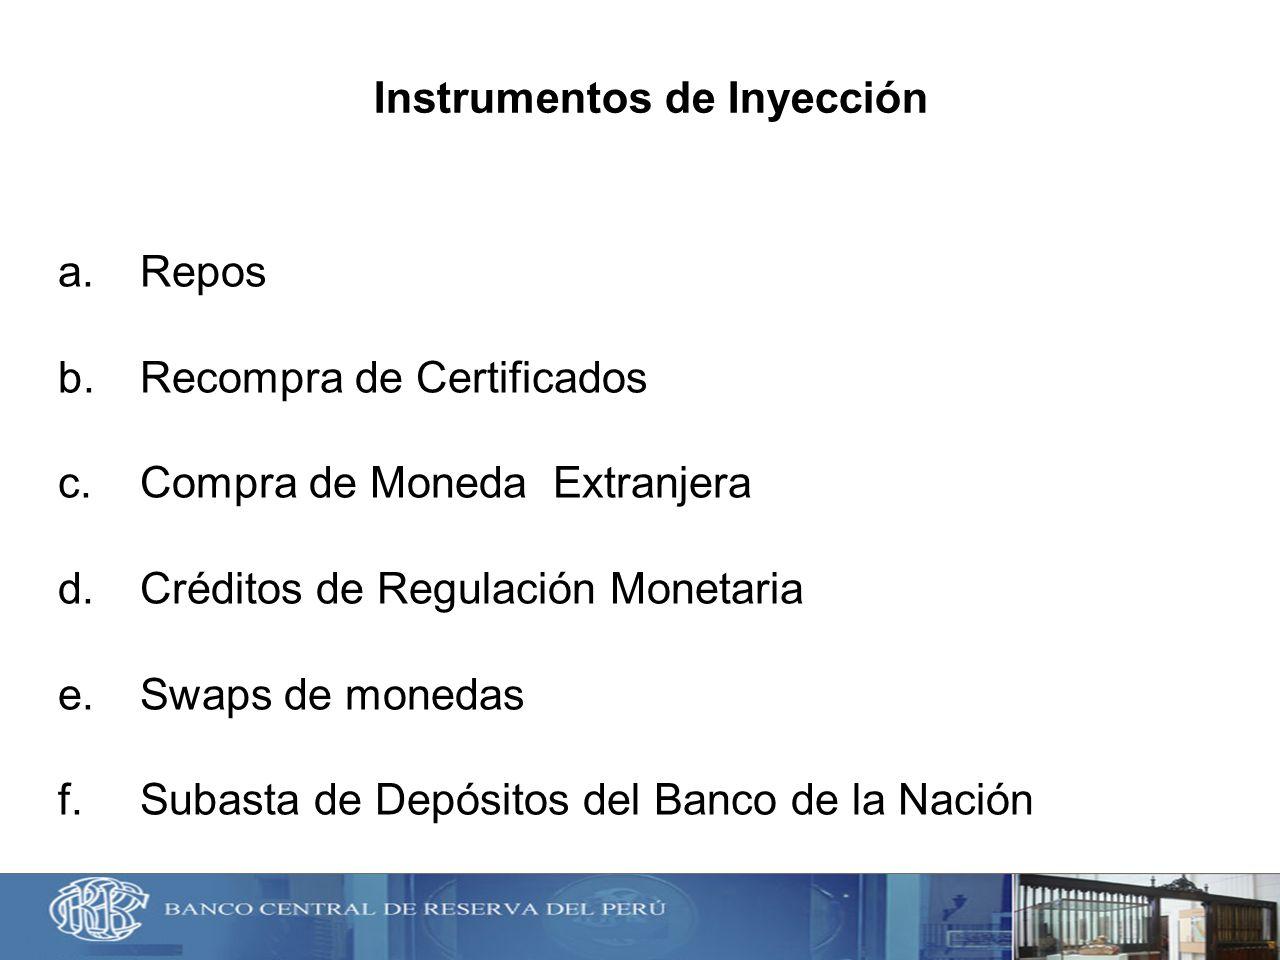 Instrumentos de Inyección a.Repos b.Recompra de Certificados c.Compra de Moneda Extranjera d.Créditos de Regulación Monetaria e.Swaps de monedas f.Sub